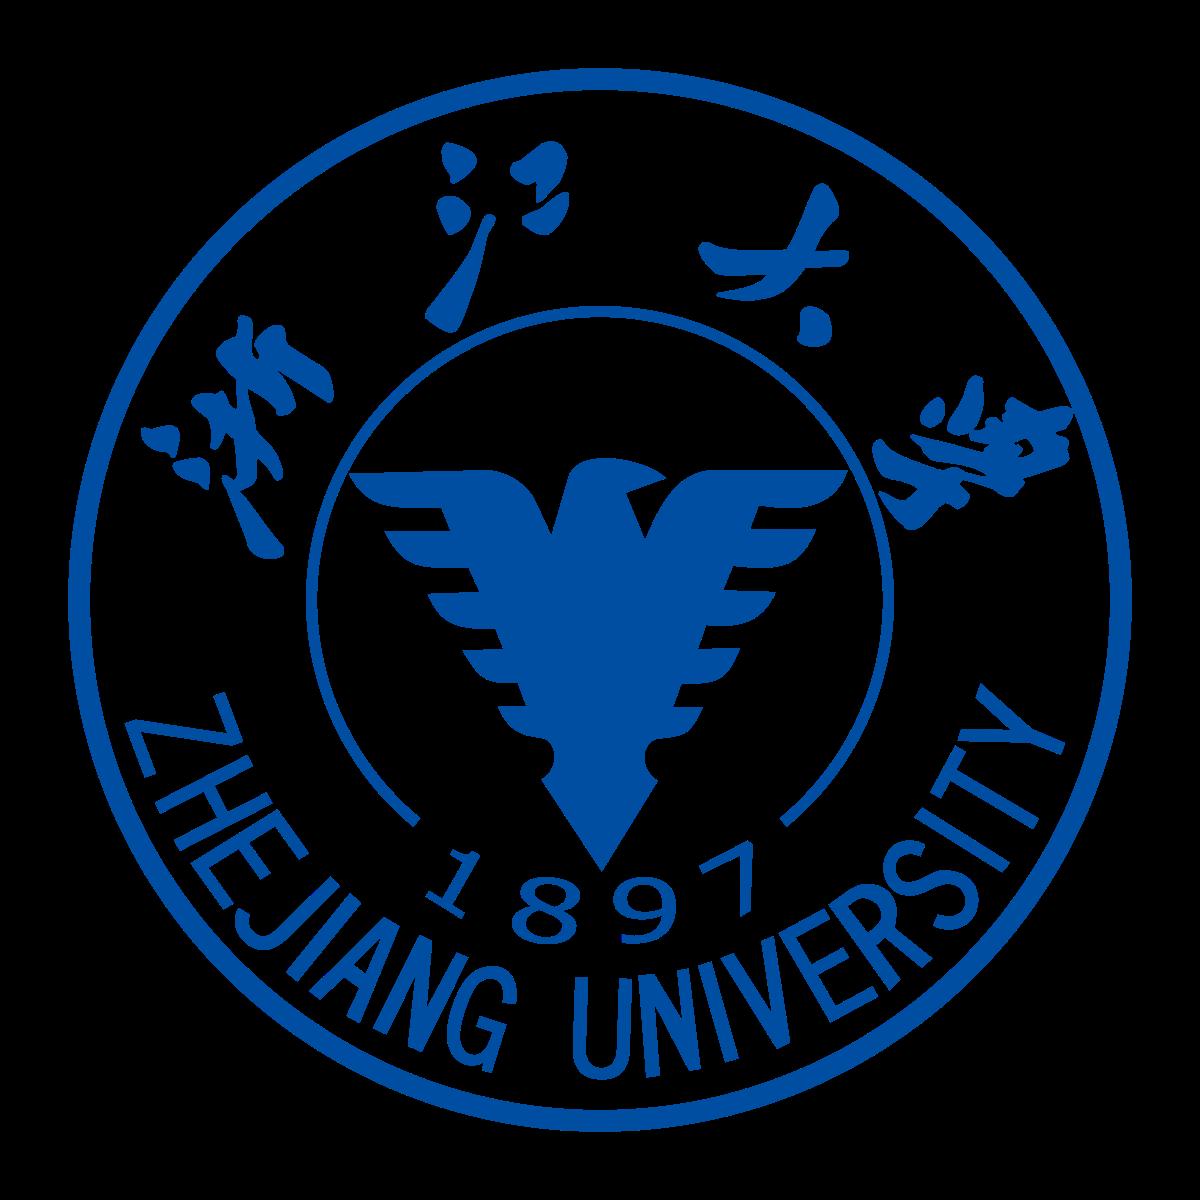 Zhejiang University (ZJU)